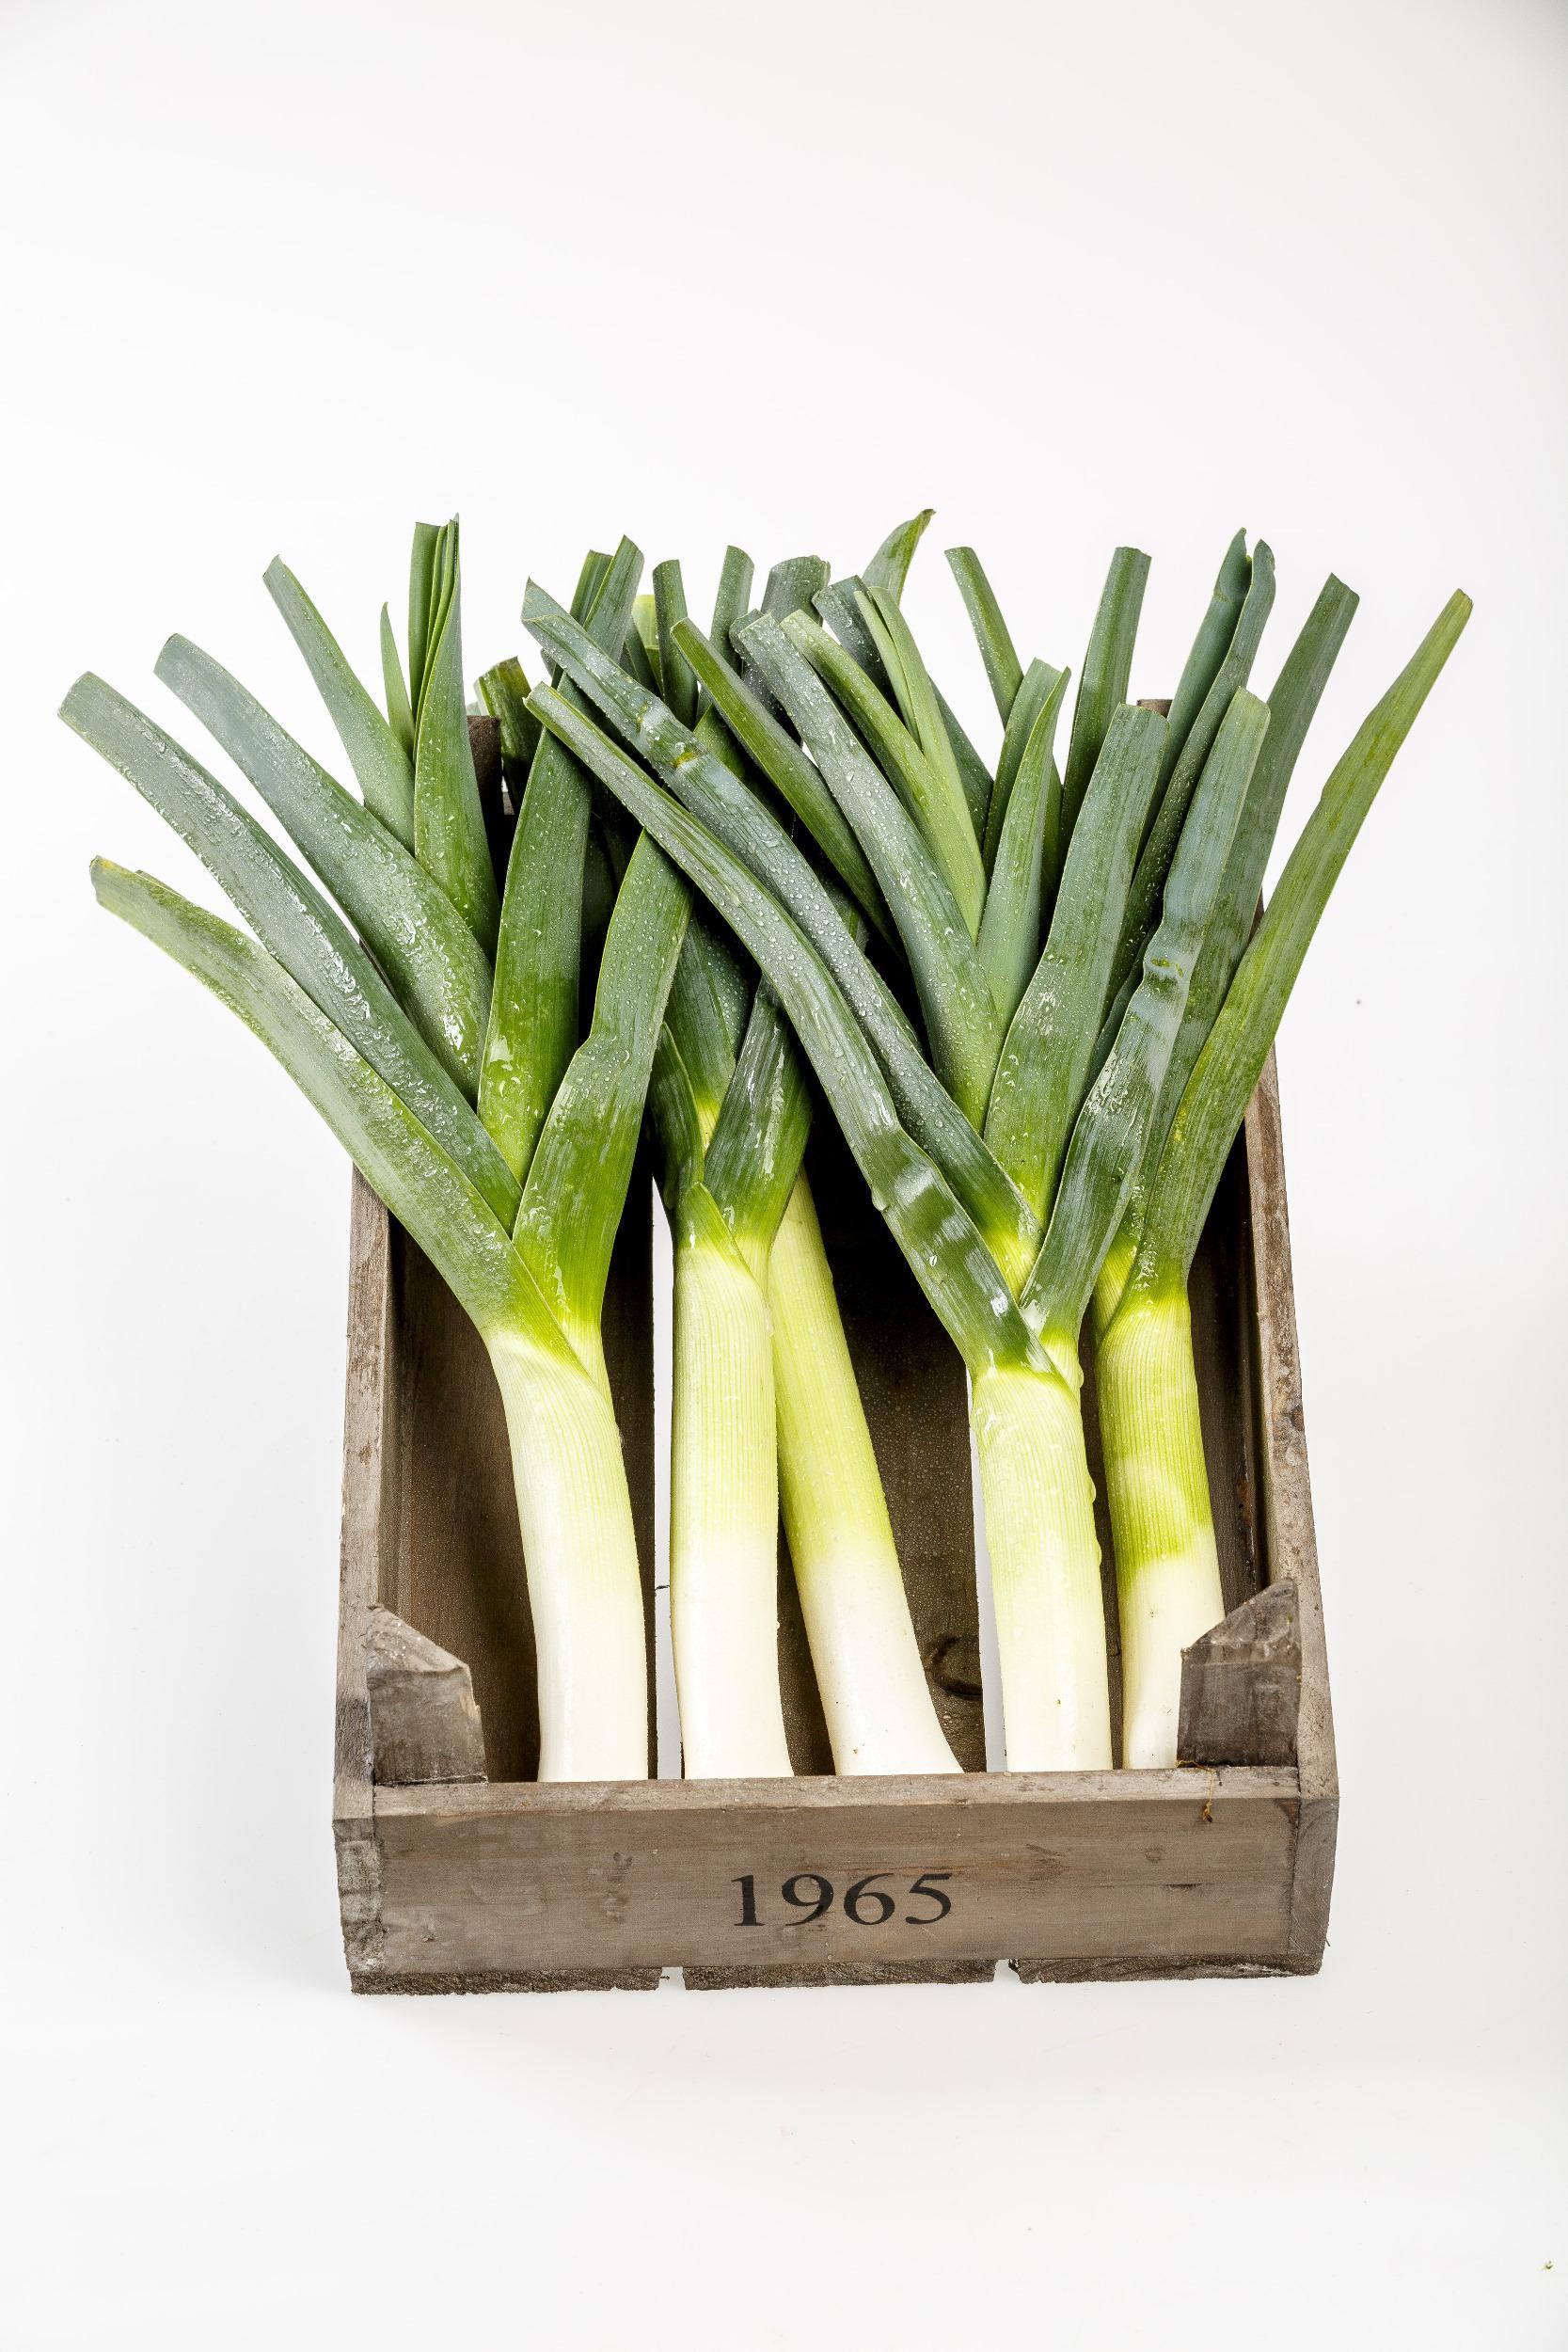 eten groente kist preien